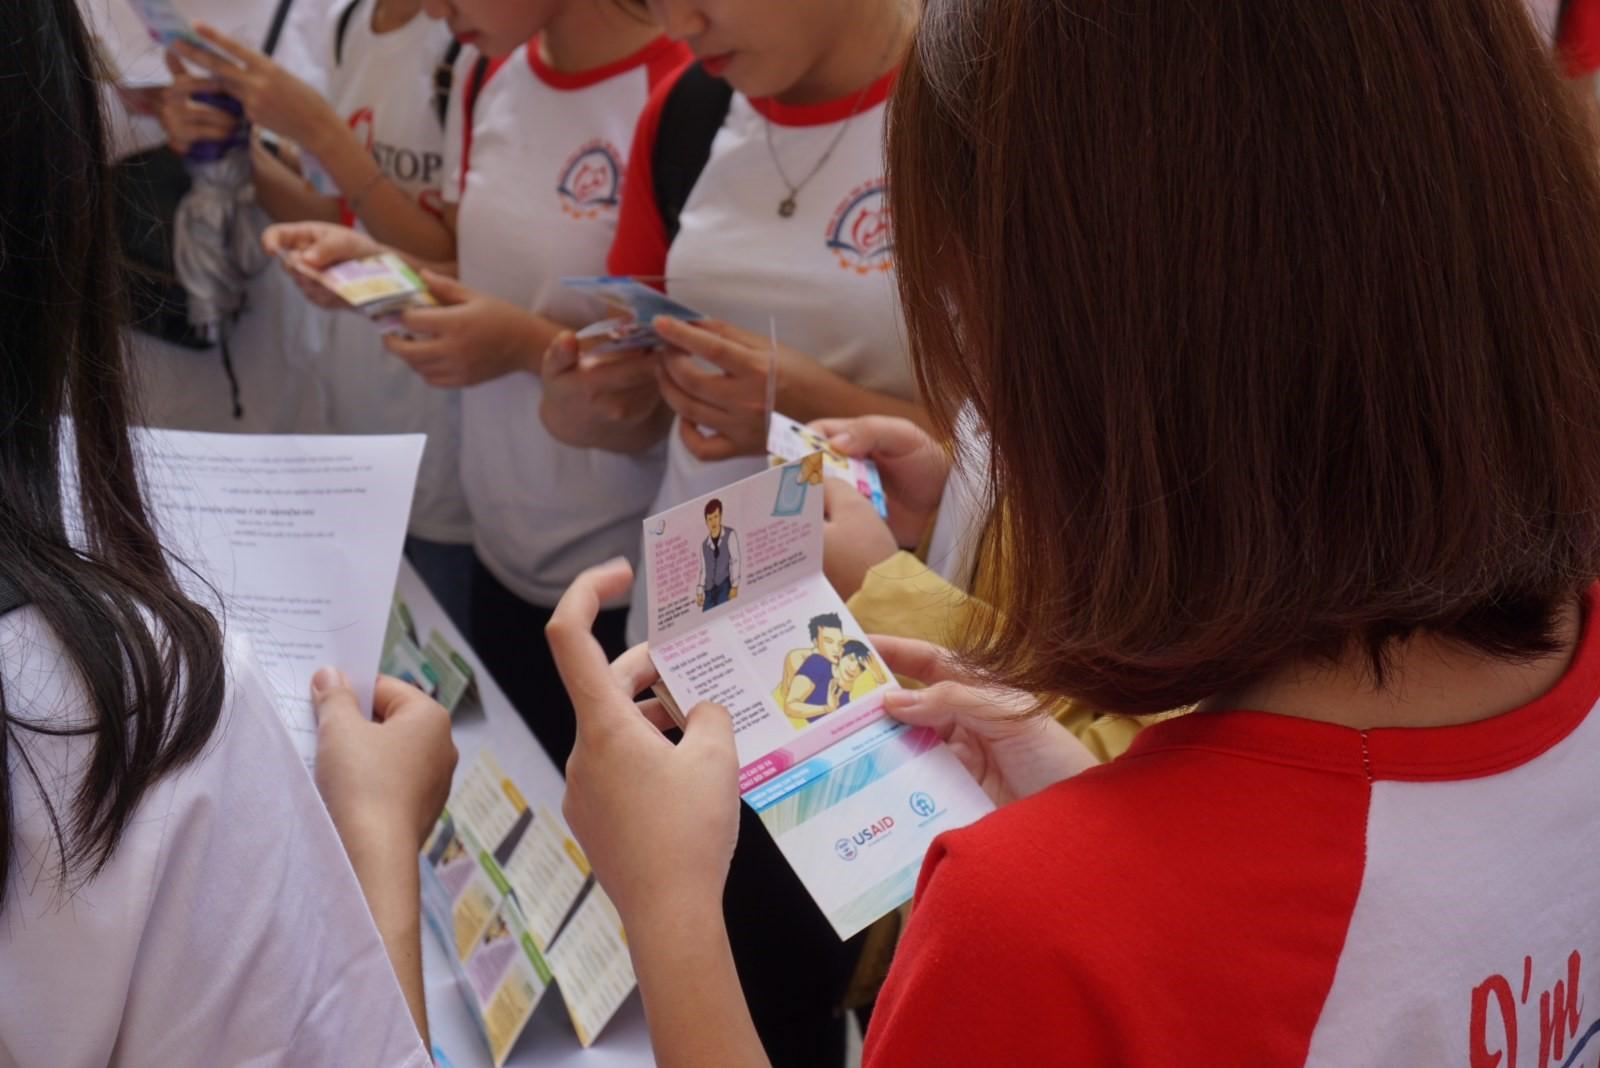 Các sinh viên tham gia công tác xã hội của Trường Đại học Công đoàn đang xem lại tài liệu truyền thông tại gian hàng xét nghiệm HIV do USAID tài trợ